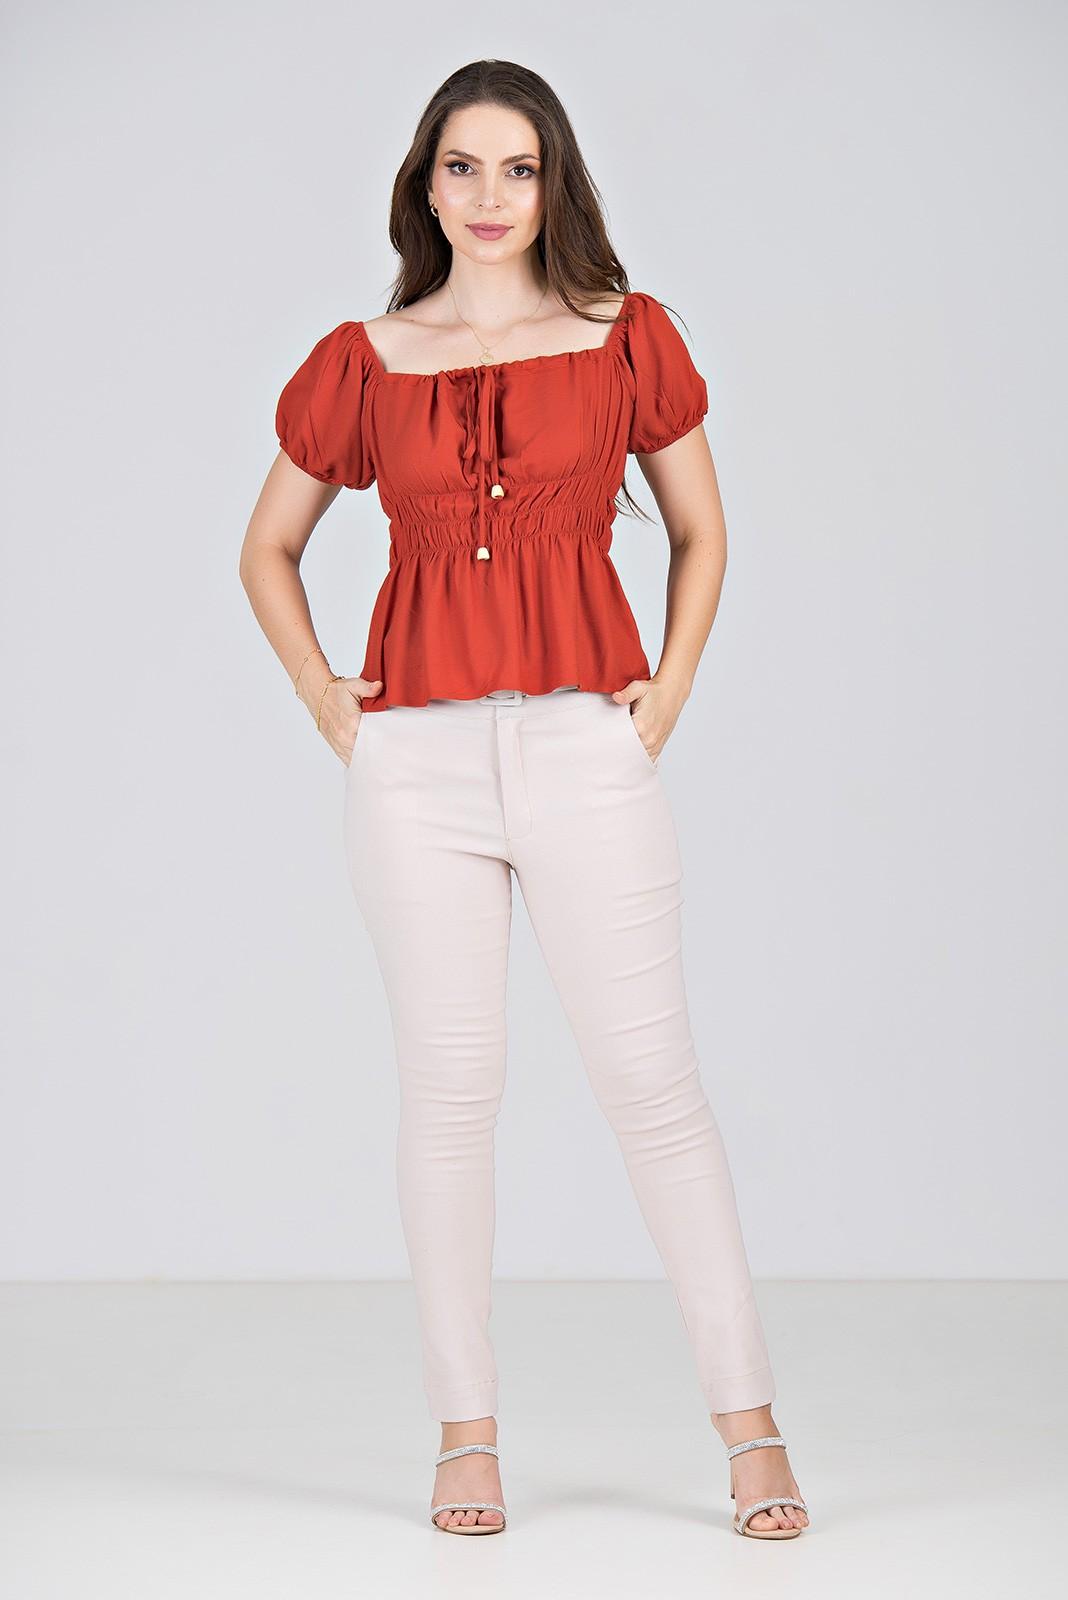 Blusa em Viscose Vermelha com Lastex - Midsize